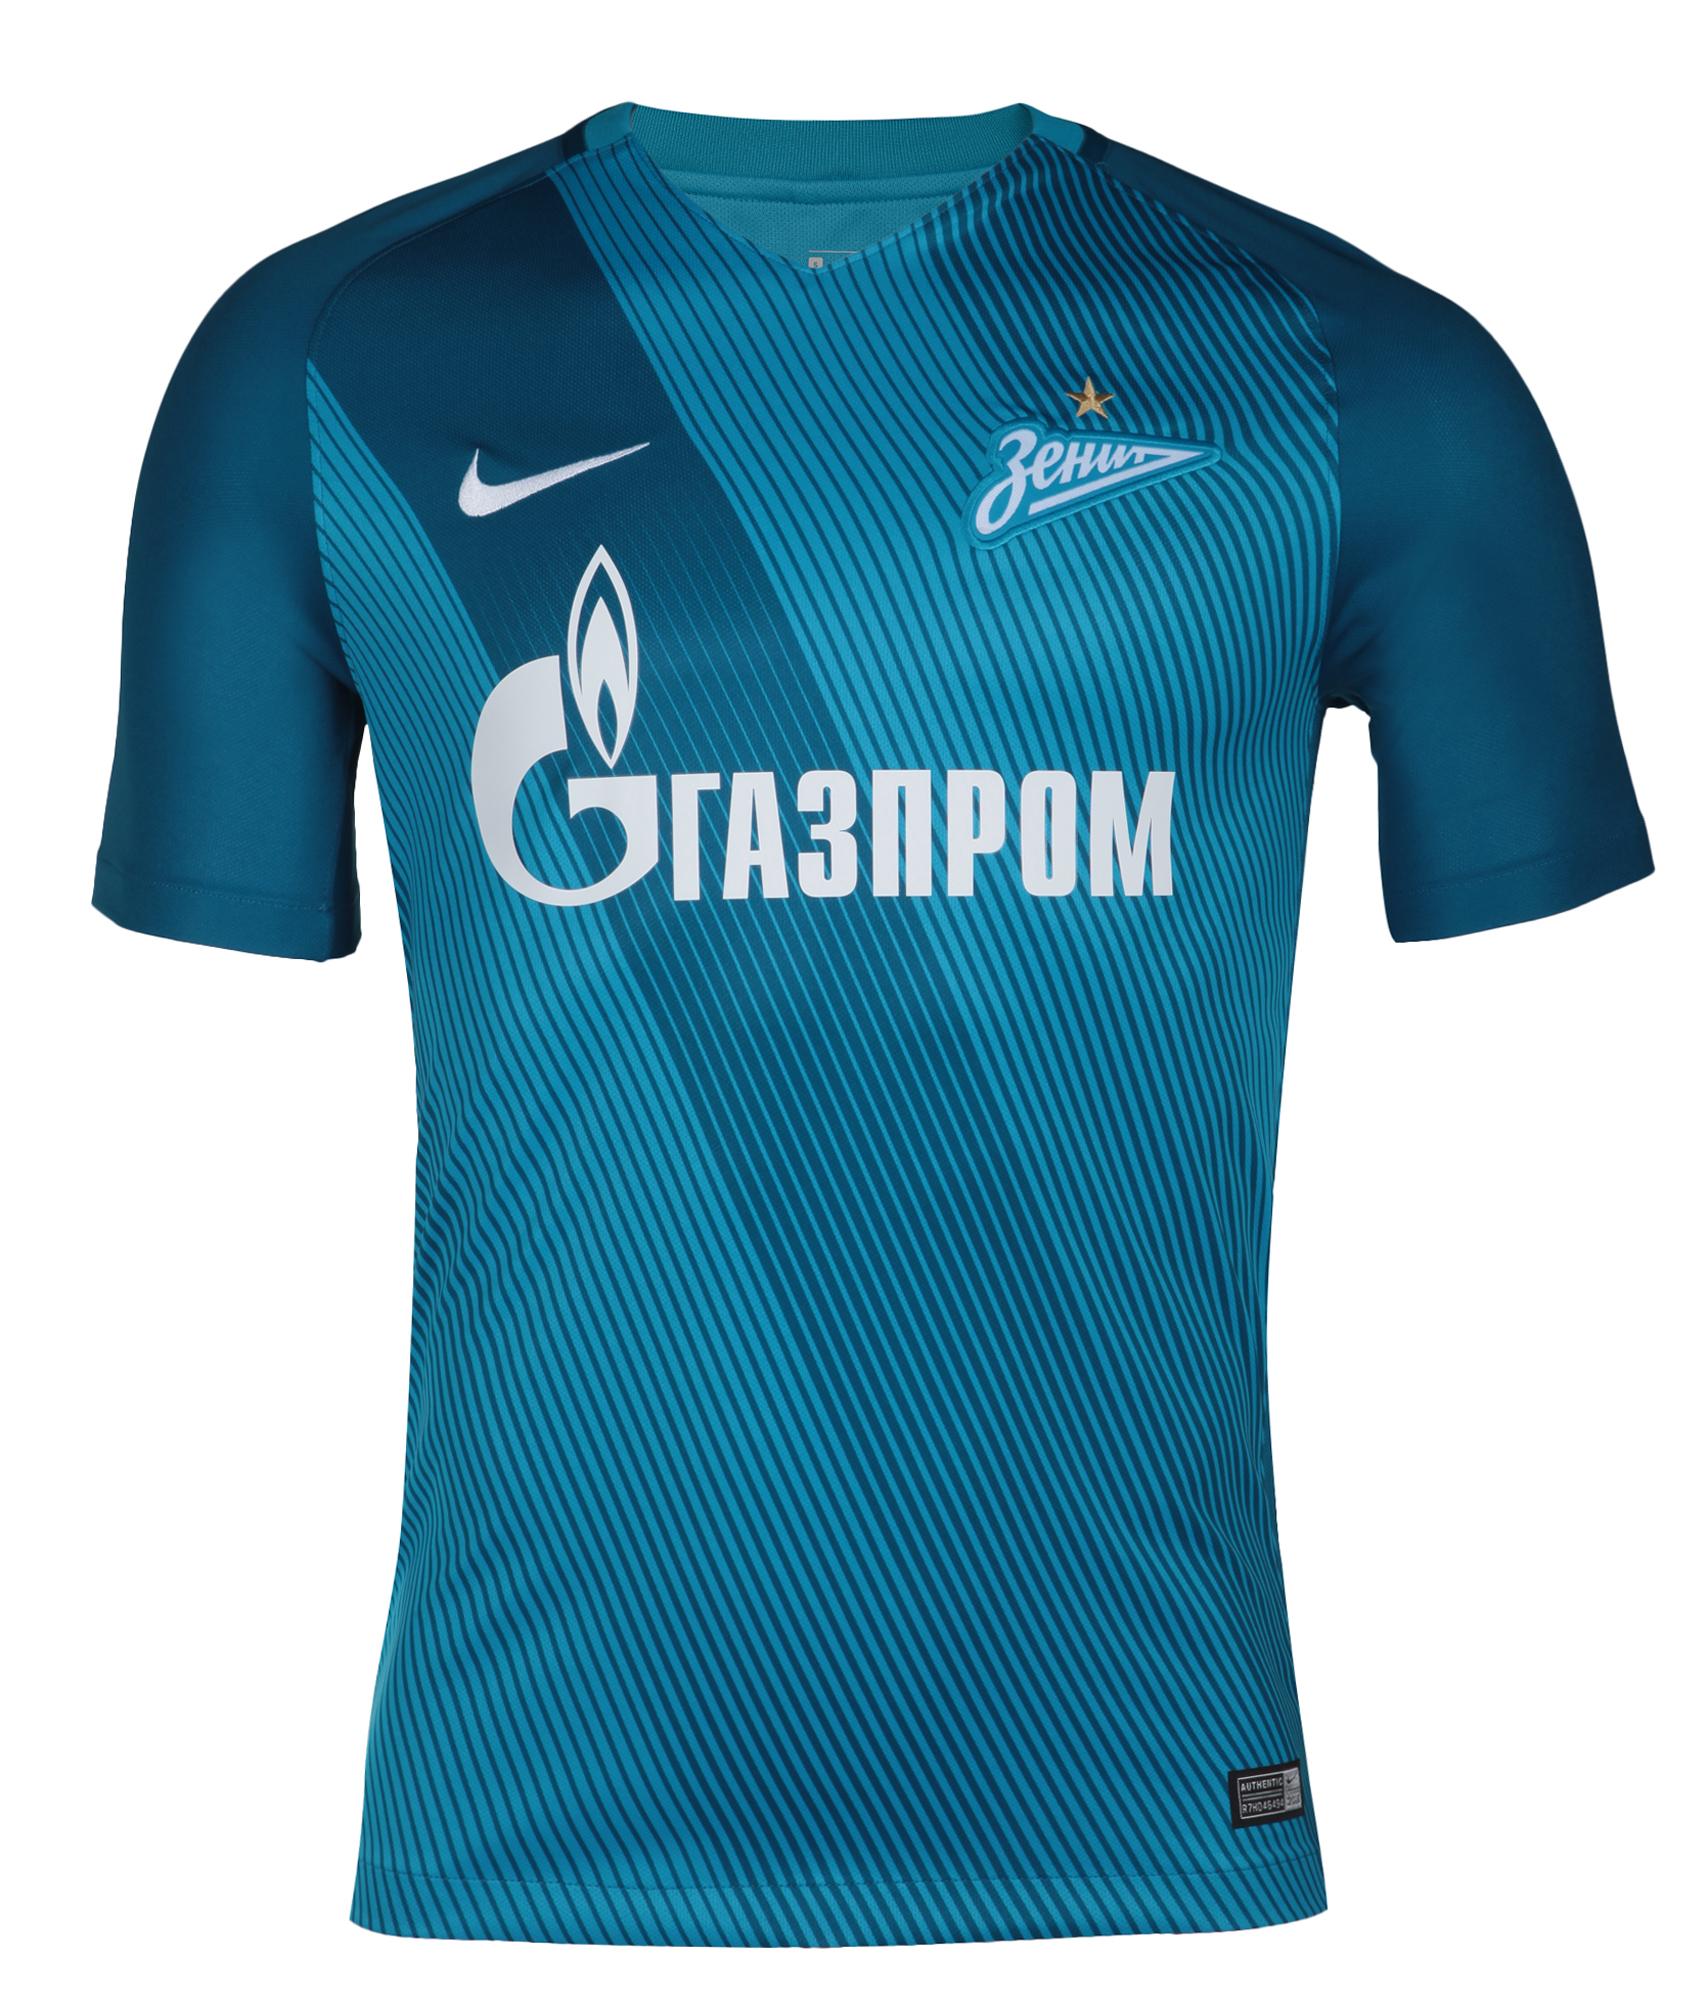 Домашняя игровая футболка, Цвет-Синий, Размер-S